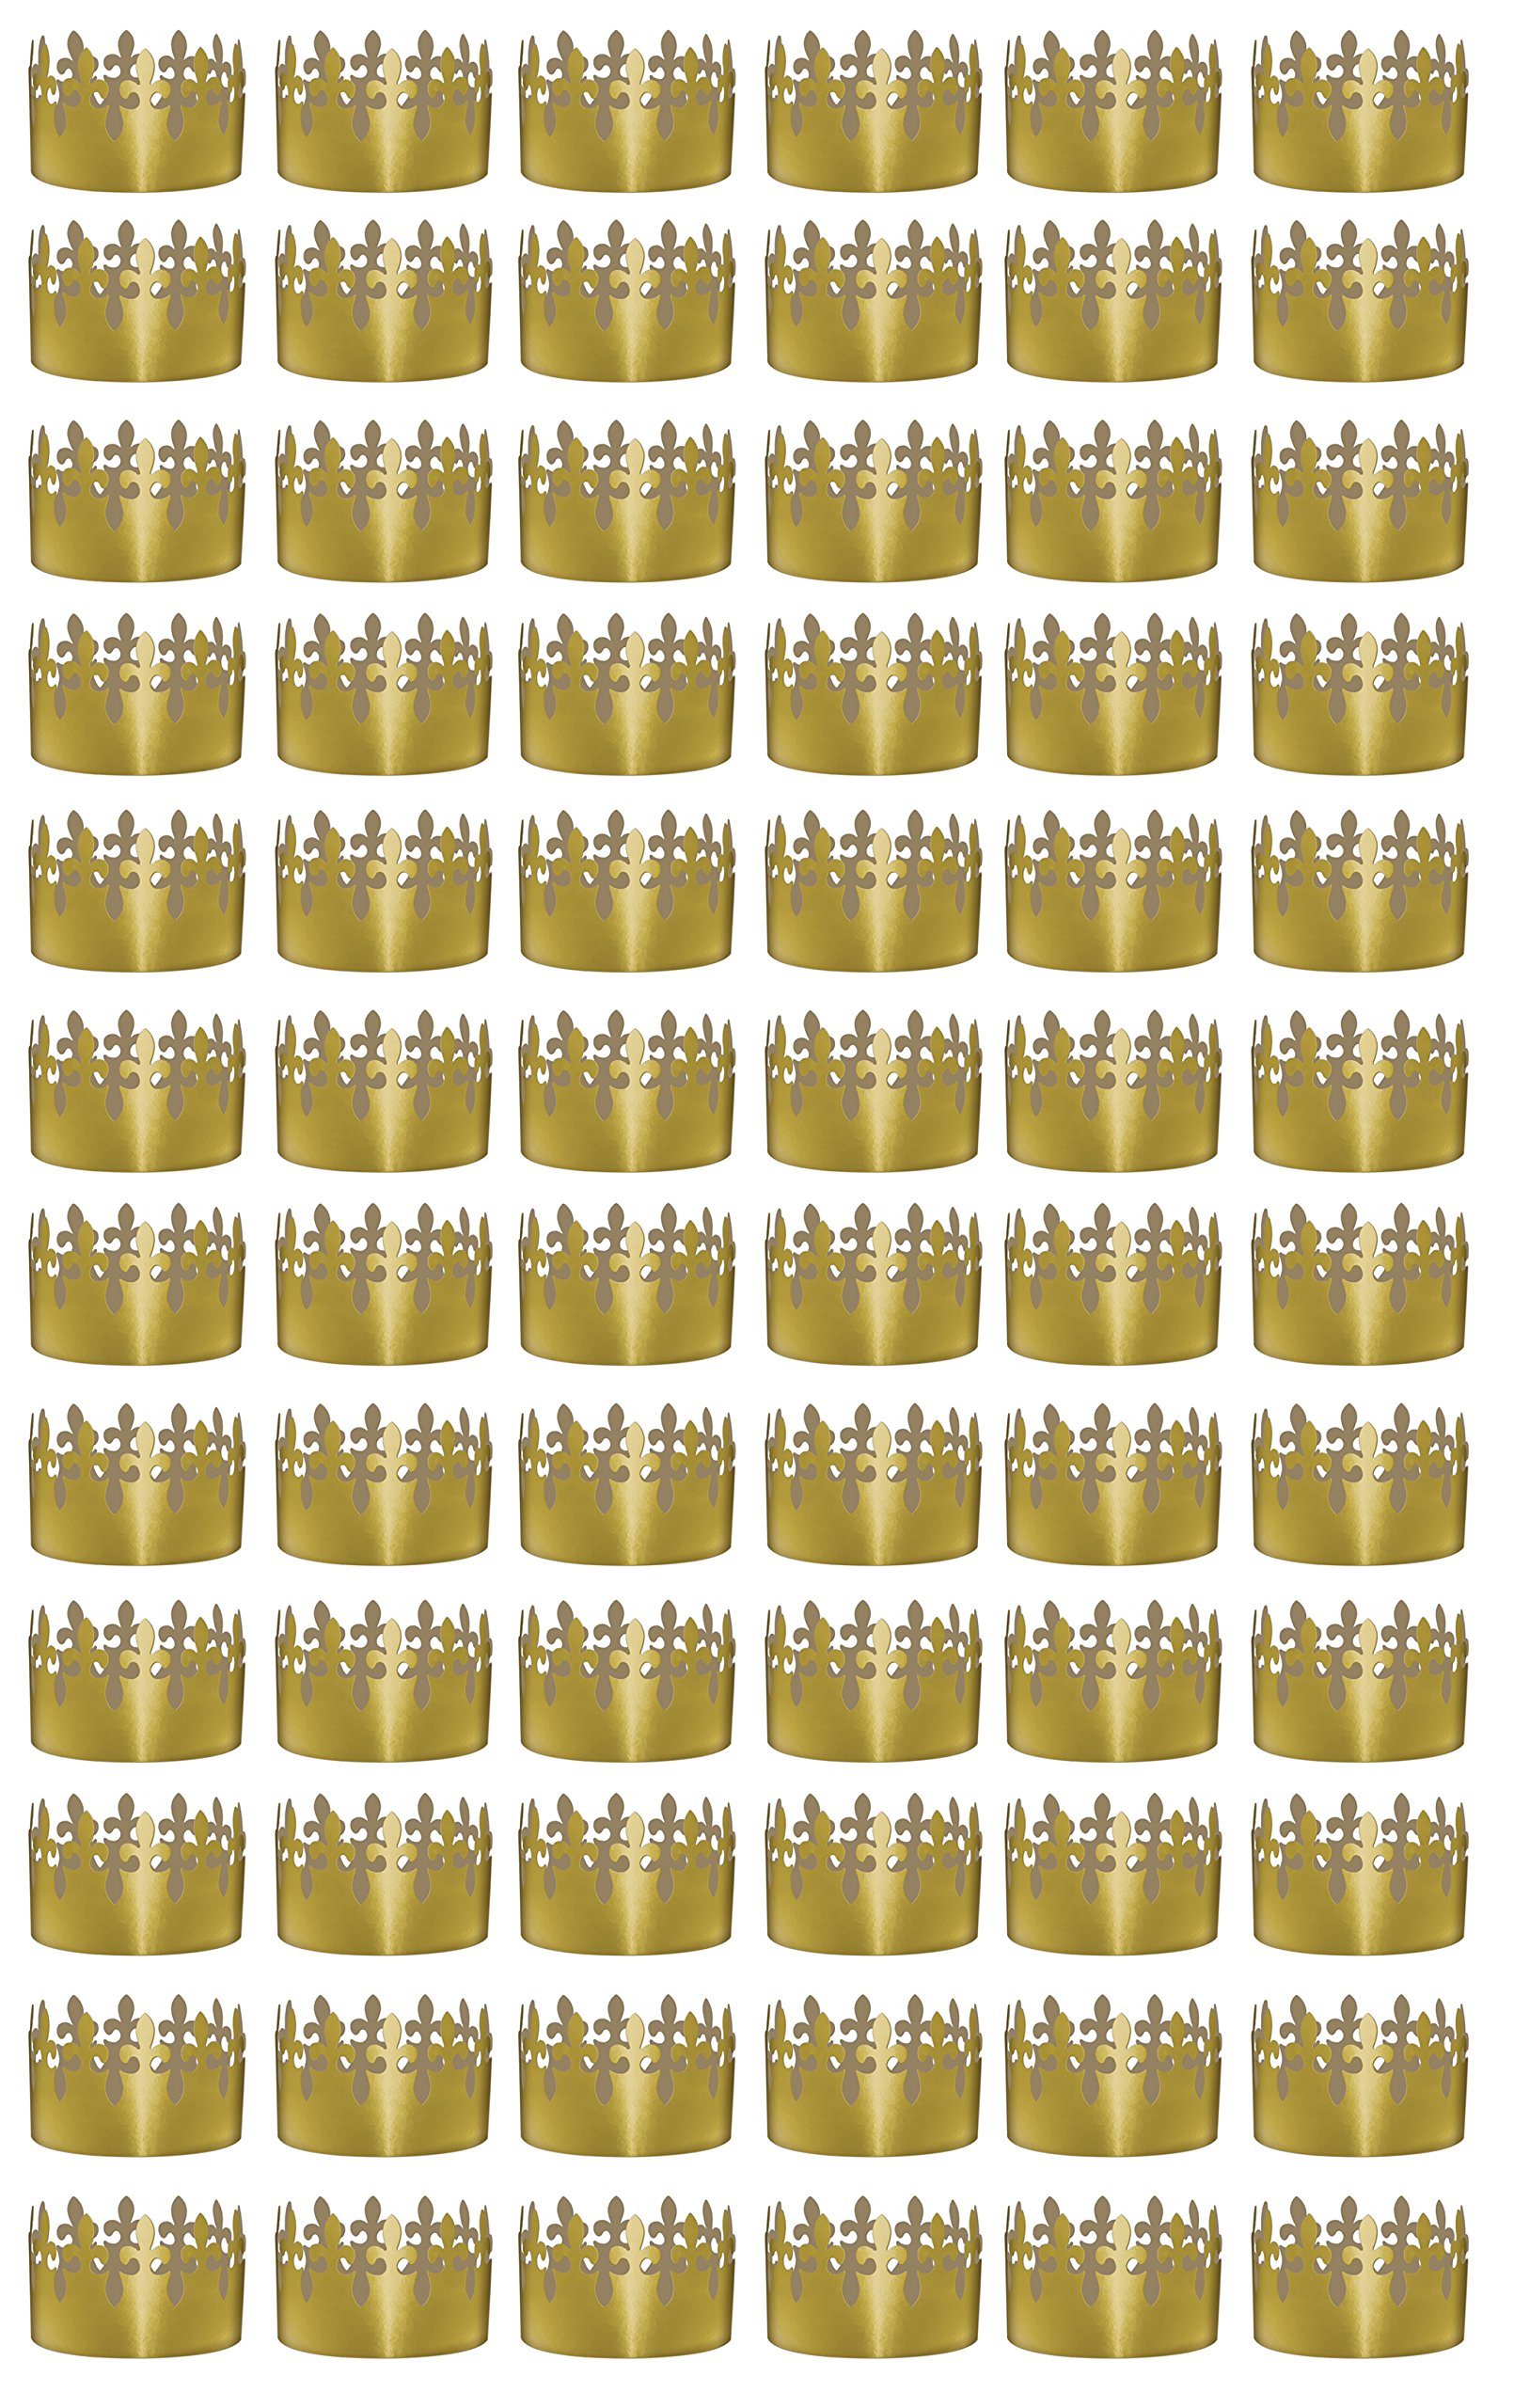 Beistle 66054 72-Pack Gold Foil Fleur De Lis Crowns